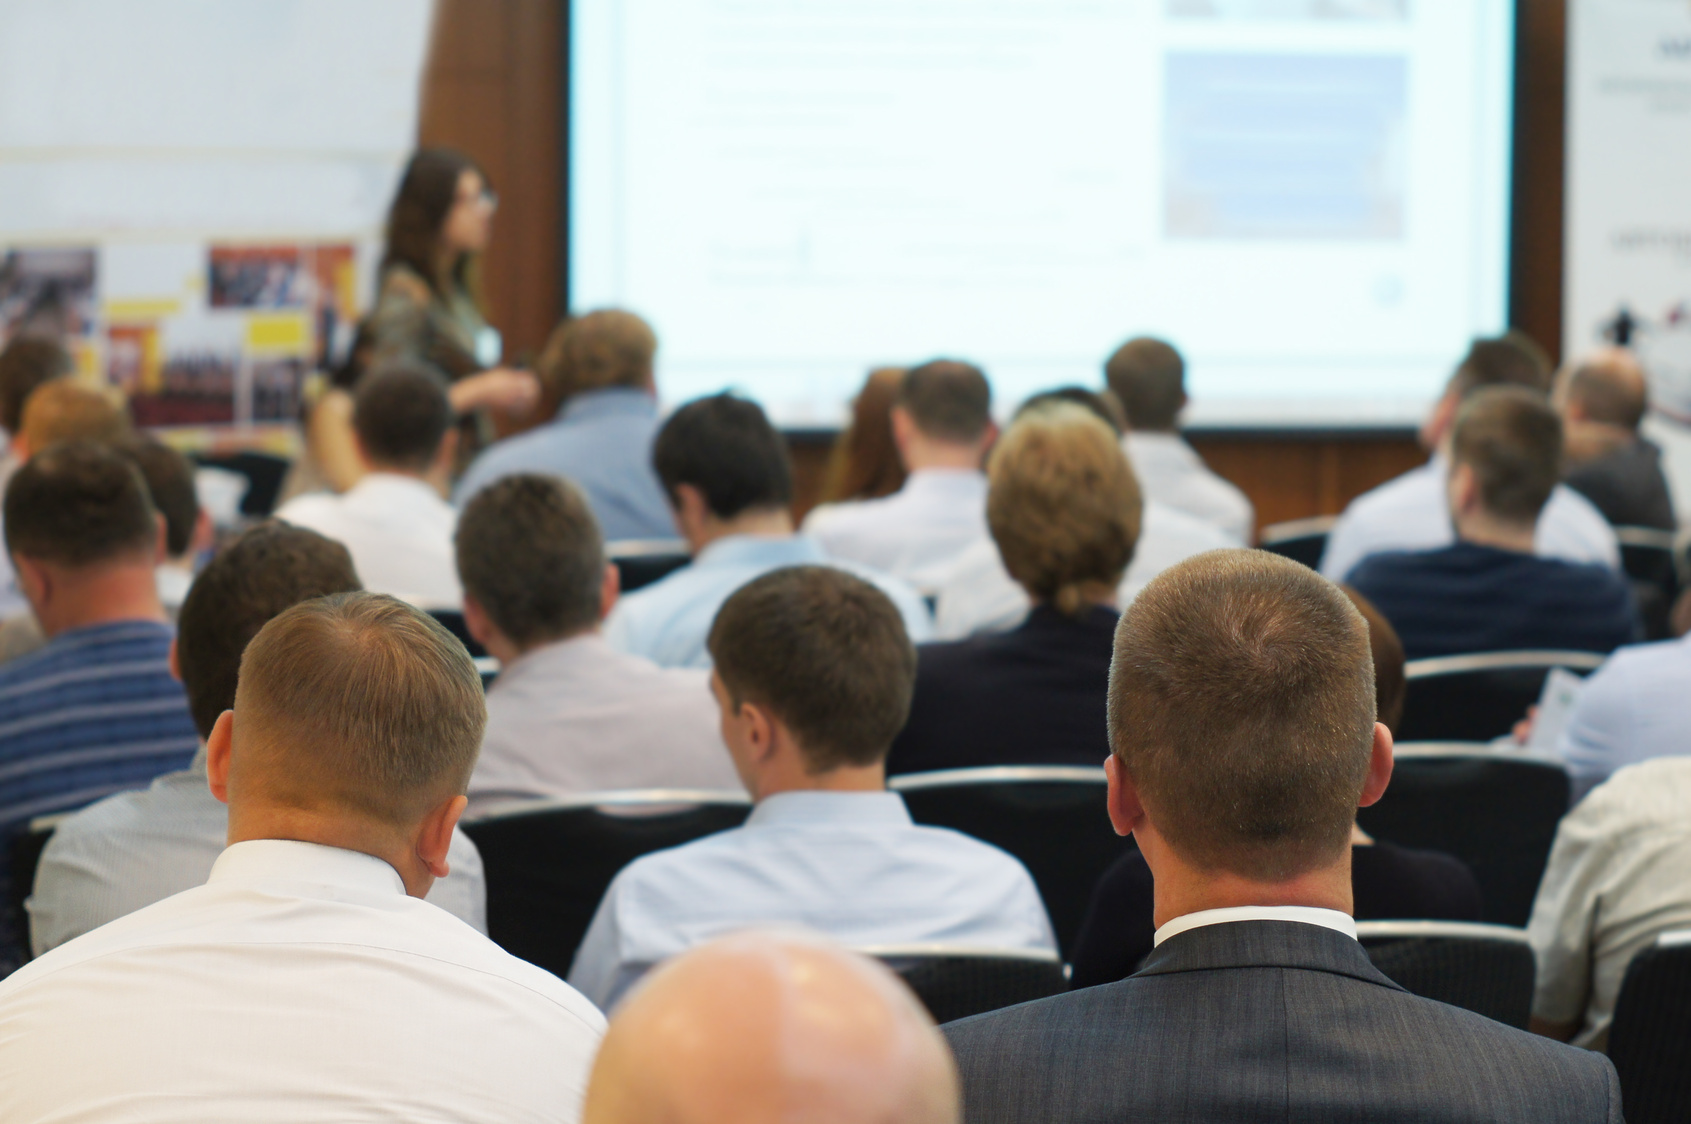 Besucher eines Vortrags mit Präsentation sitzen in Reihen